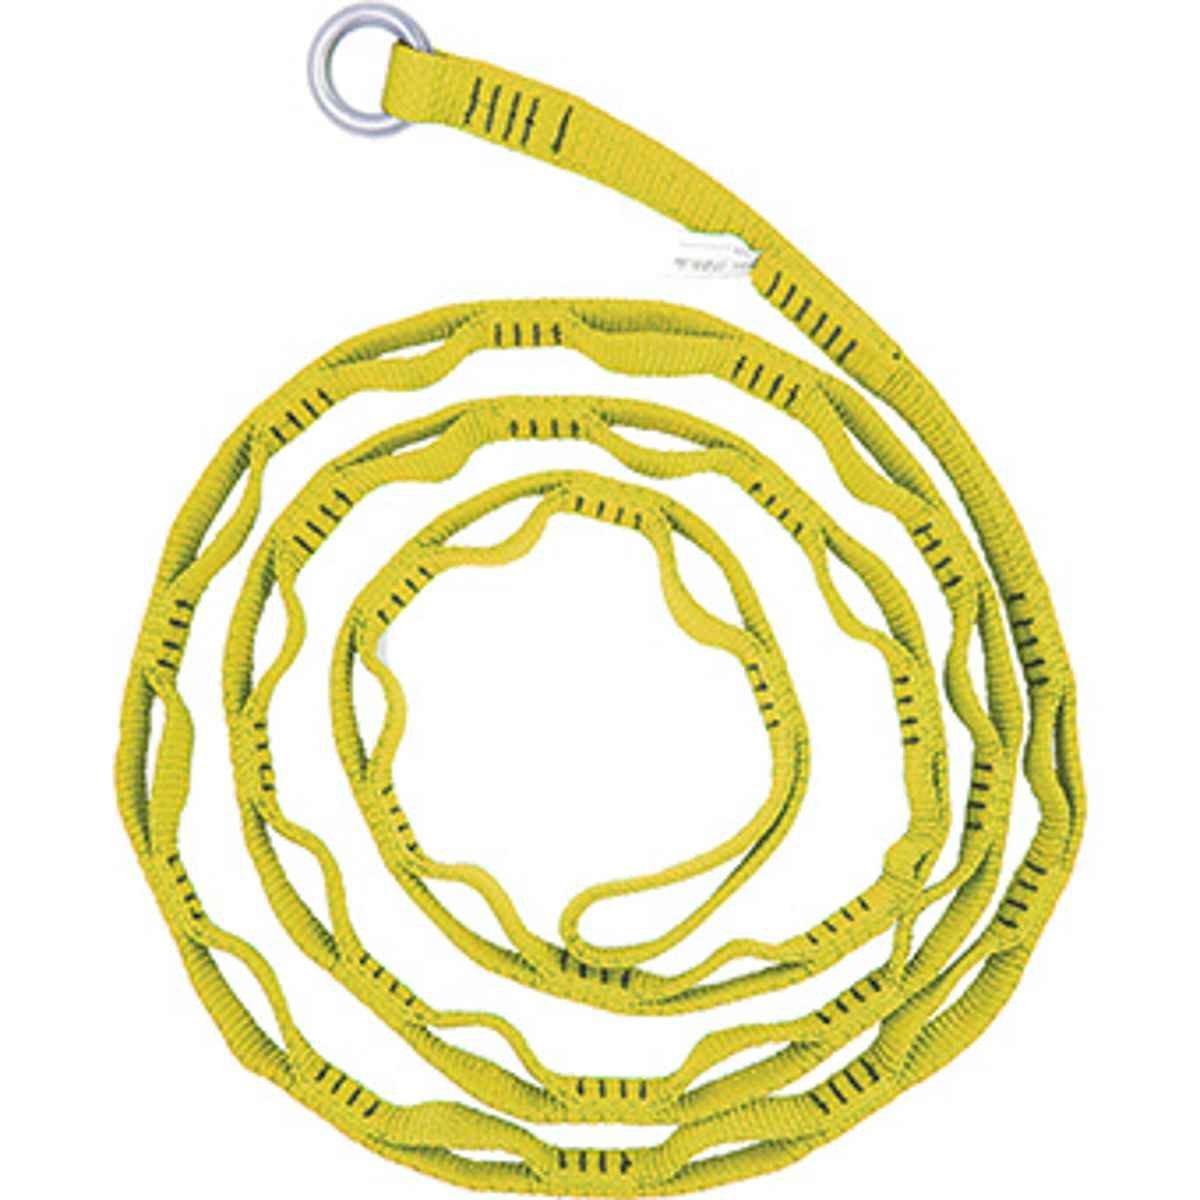 CMIアンカースリング15インチイエロー – anchor3 – 15イエロー B07D5DPDL7